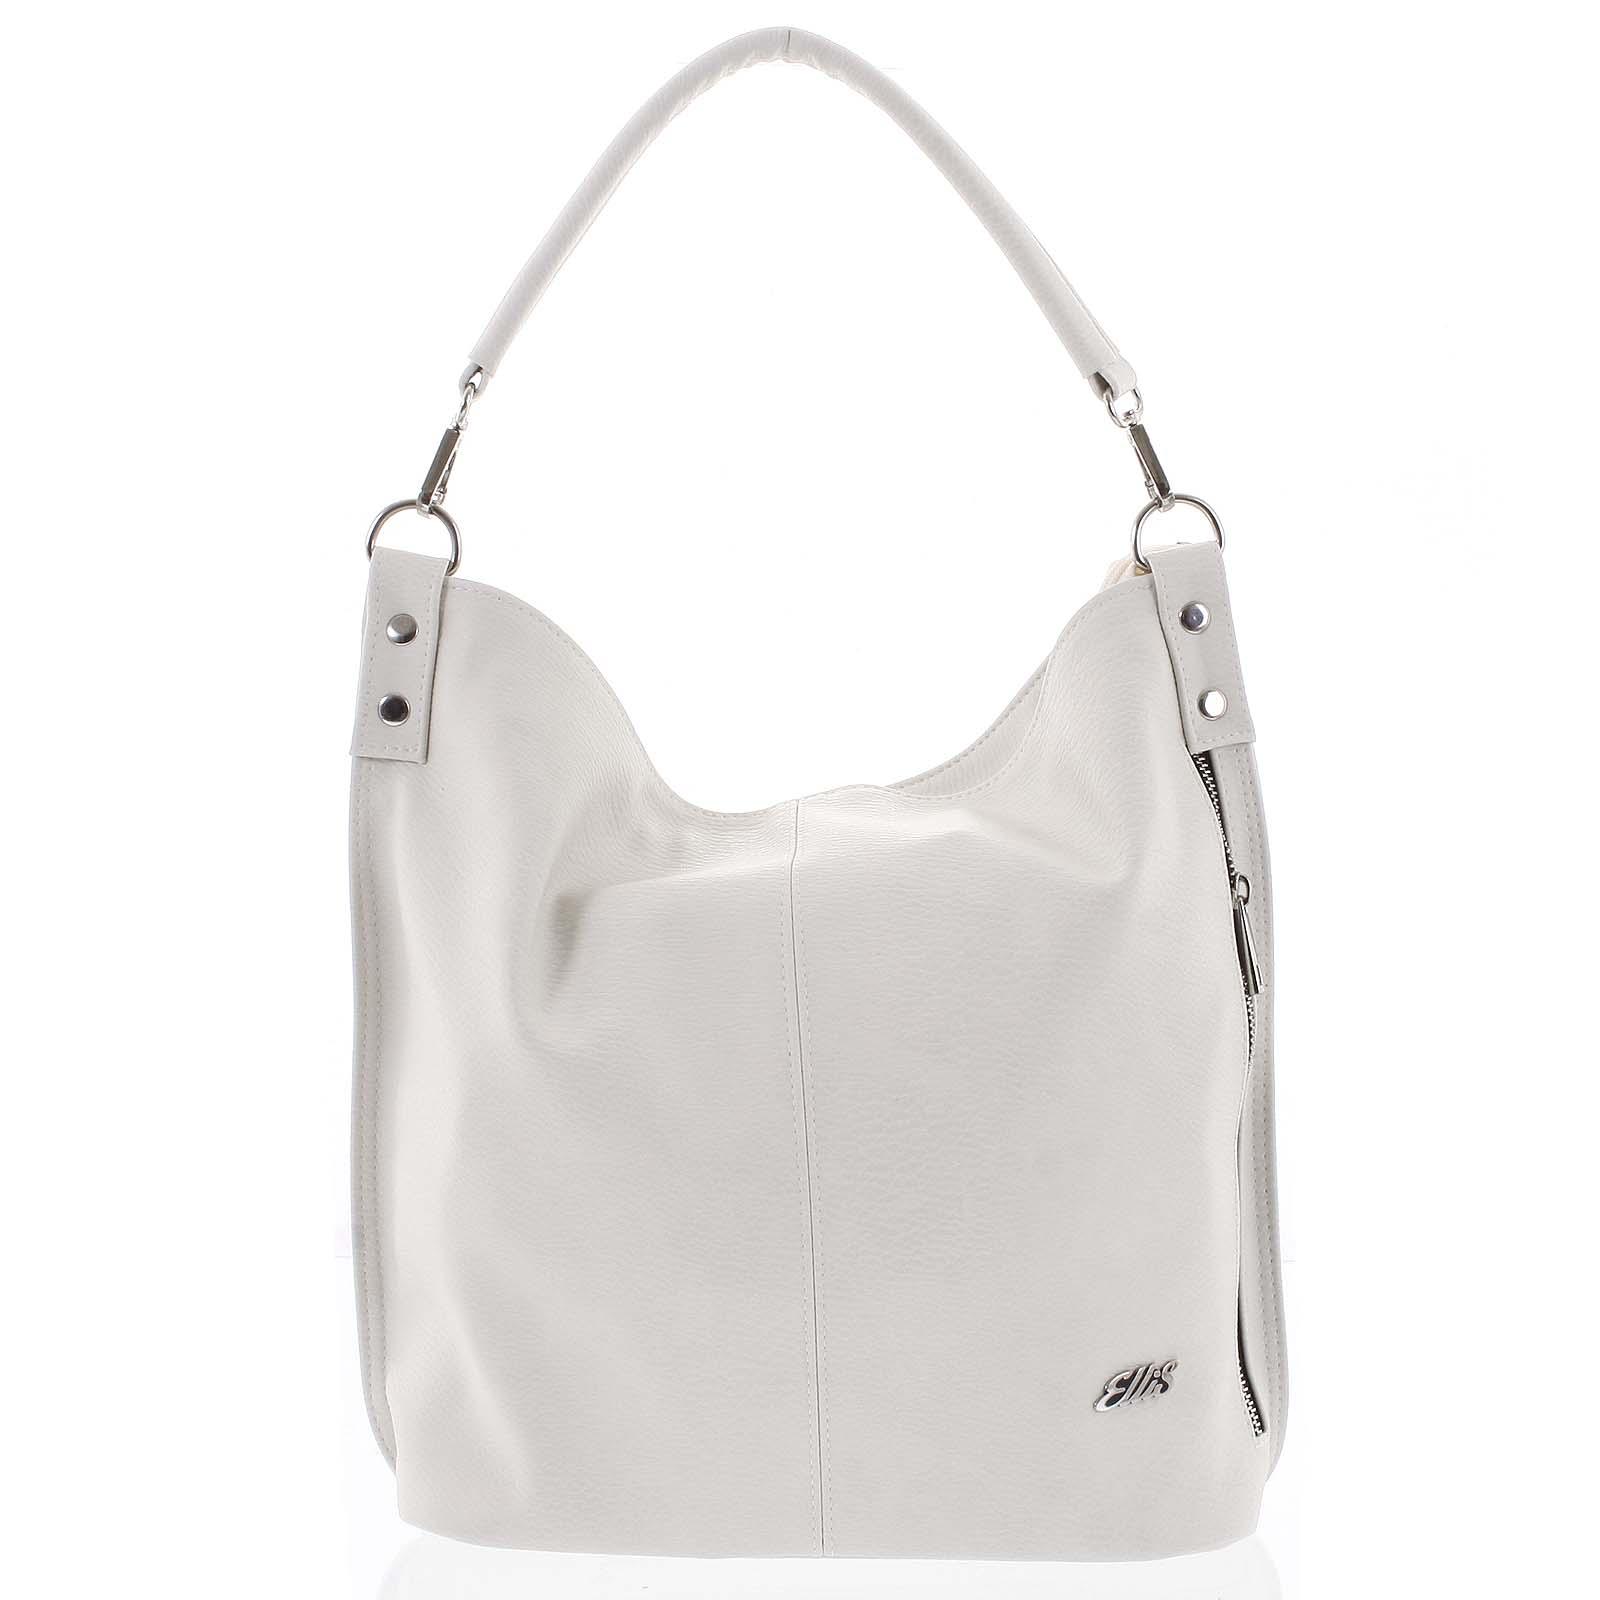 Elegantní dámská kabelka přes rameno krémově bílá - Ellis Negina bílá